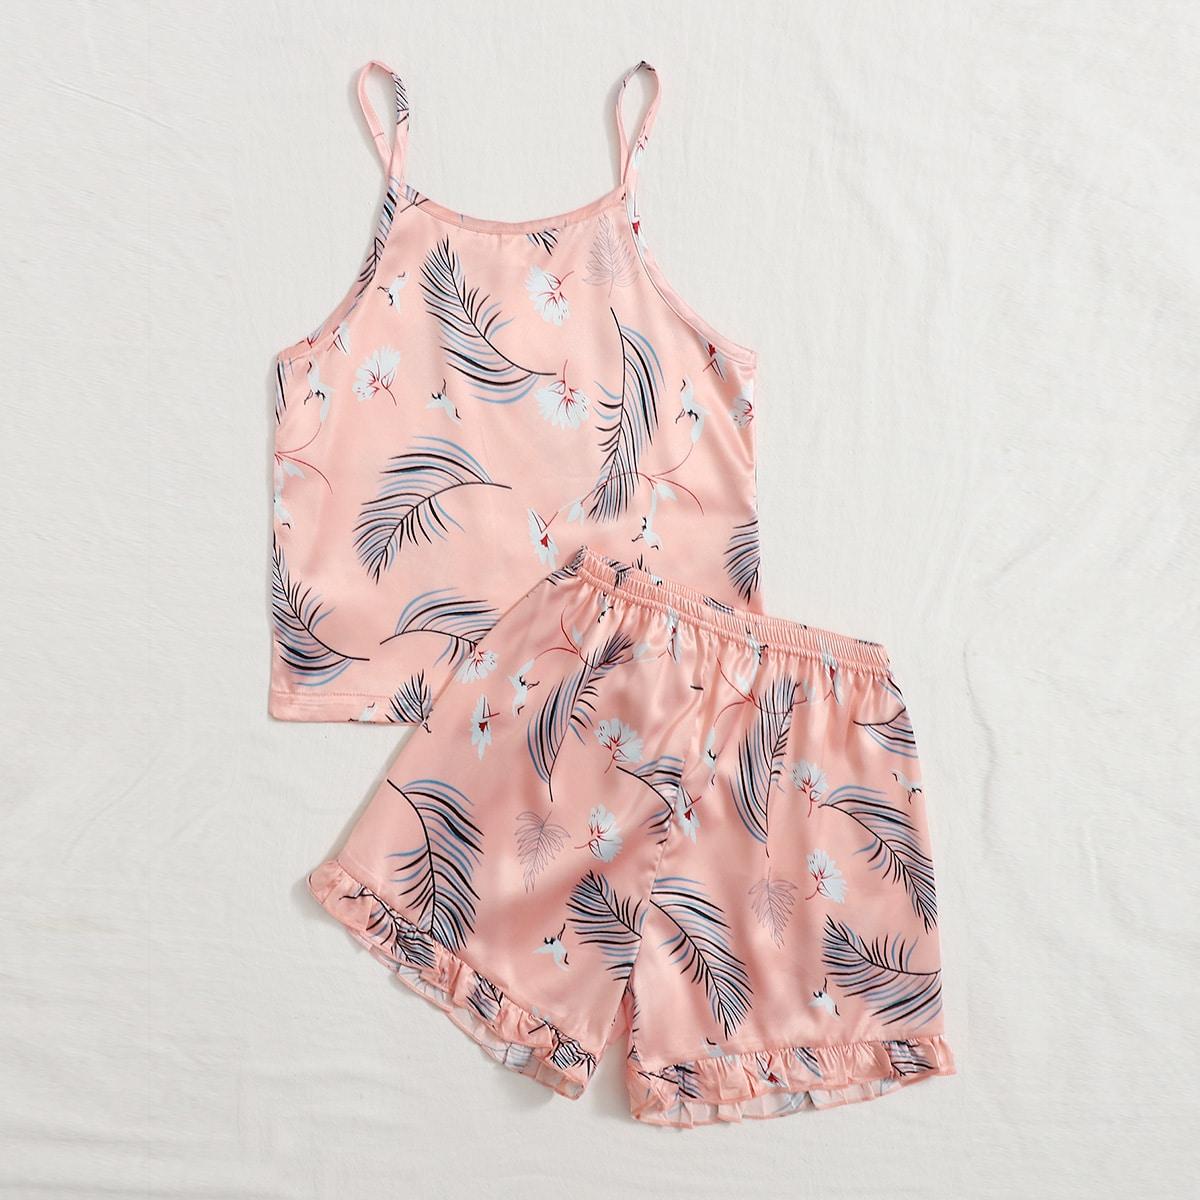 Нежний Розовый Низ-оборка Животный принт милый Домашняя одежда для девочек фото